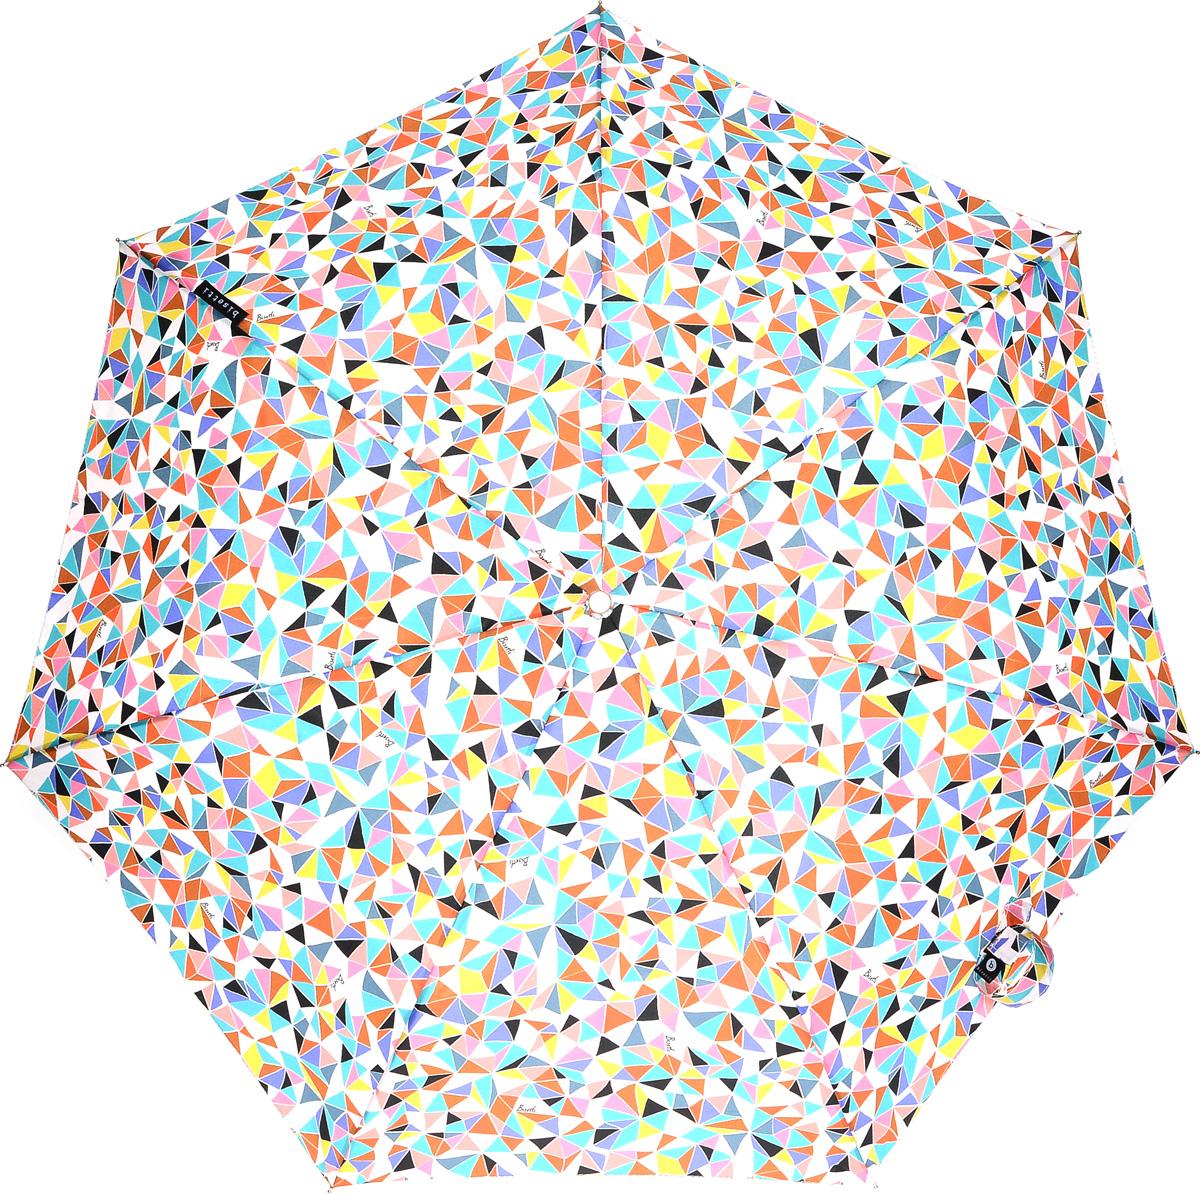 Bisetti 35165-3 Зонт полный автом. 3 сл. жен.35165-3Зонт испанского производителя Clima. В производстве зонтов используются современные материалы, что делает зонты легкими, но в то же время крепкими.Полный автомат, 3 сложения, 8 спиц по 54см, полиэстер.